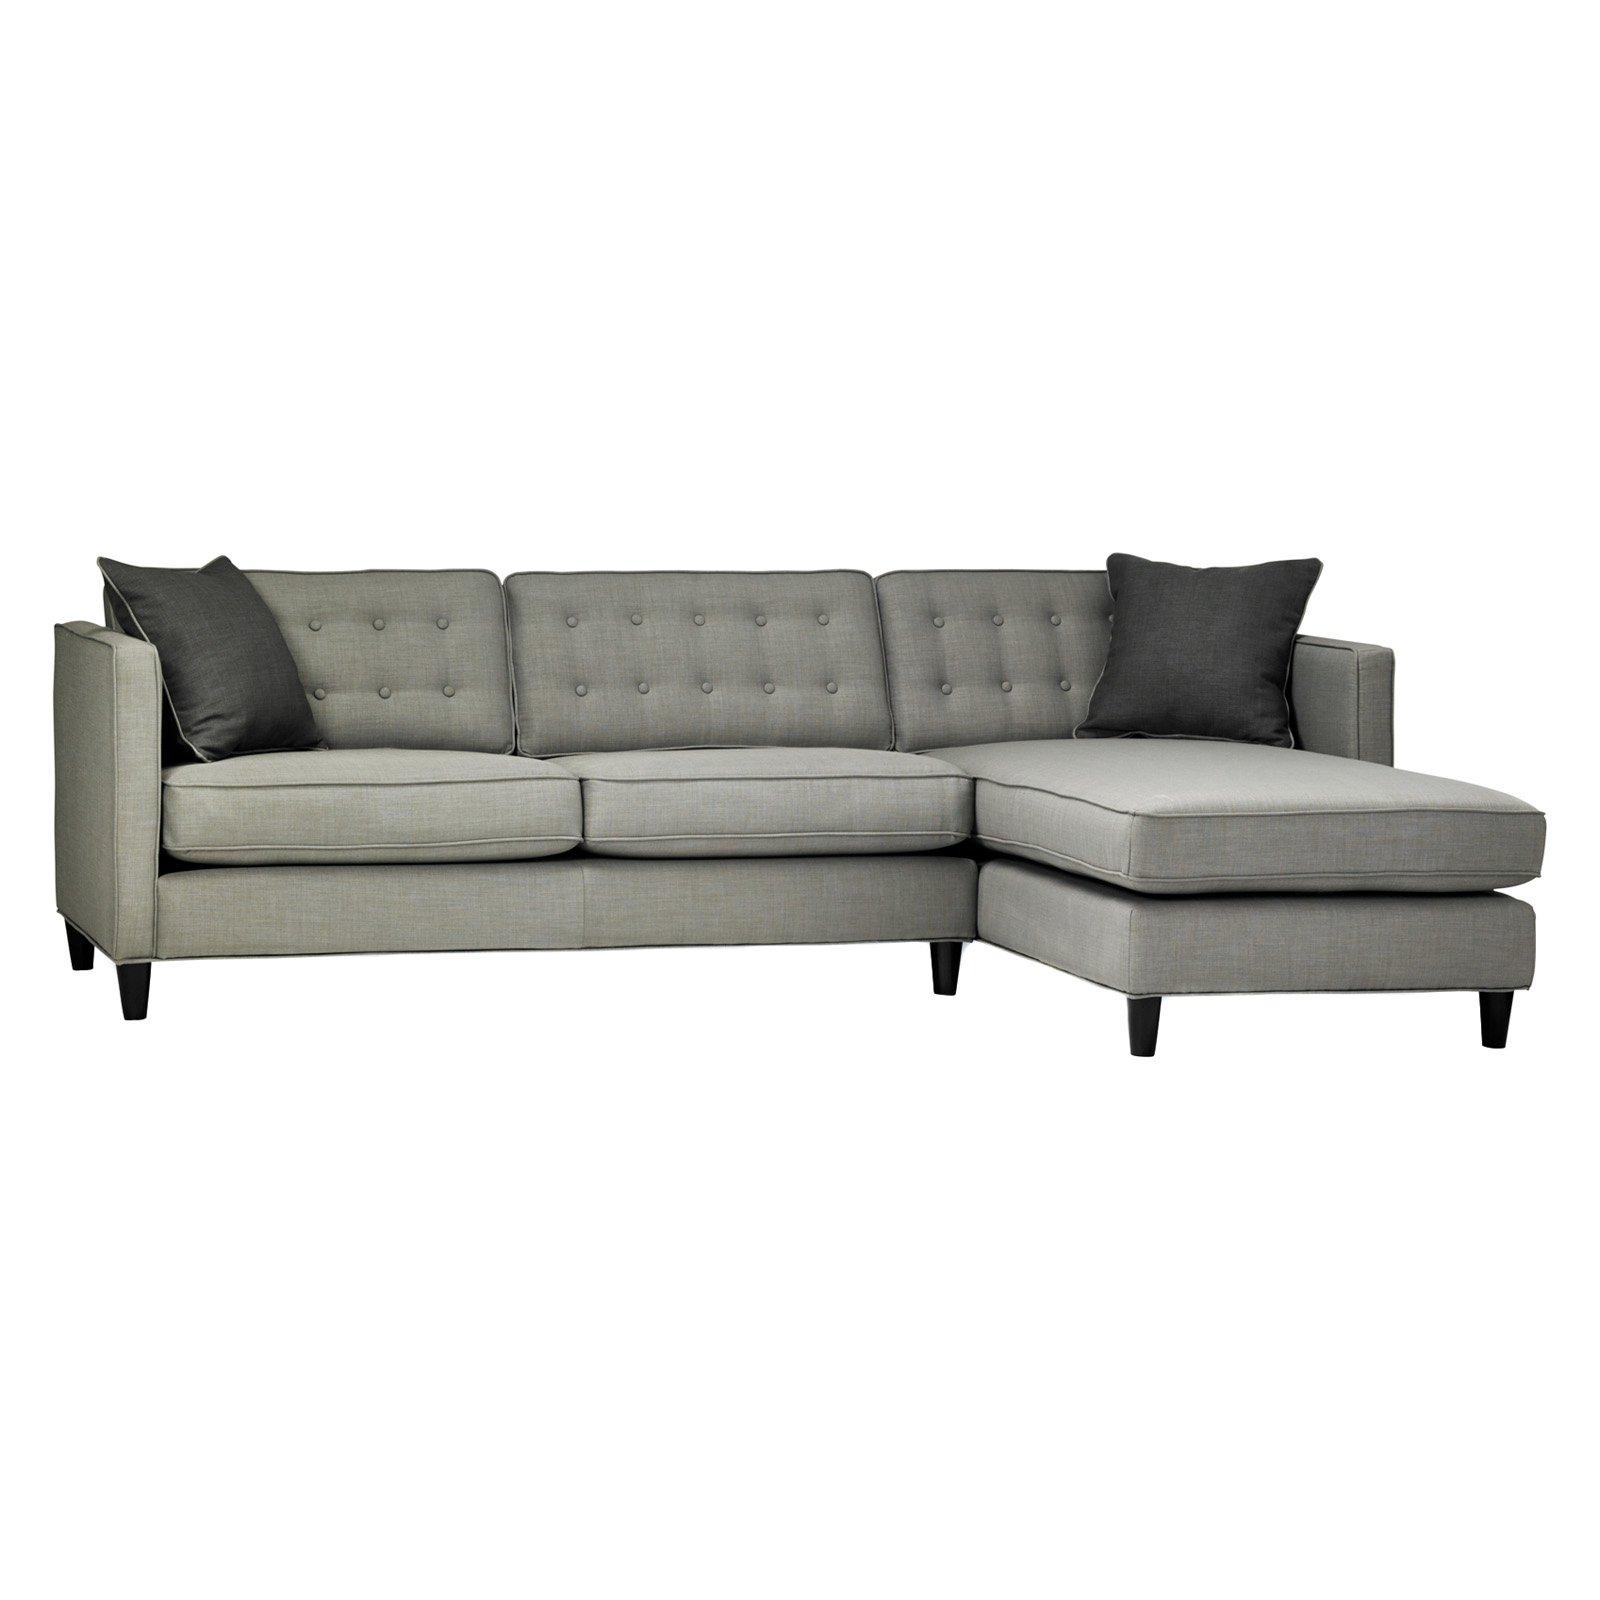 Sofas To Go Potts Sectional Sofa Sectional Sofa Sofa Sectional